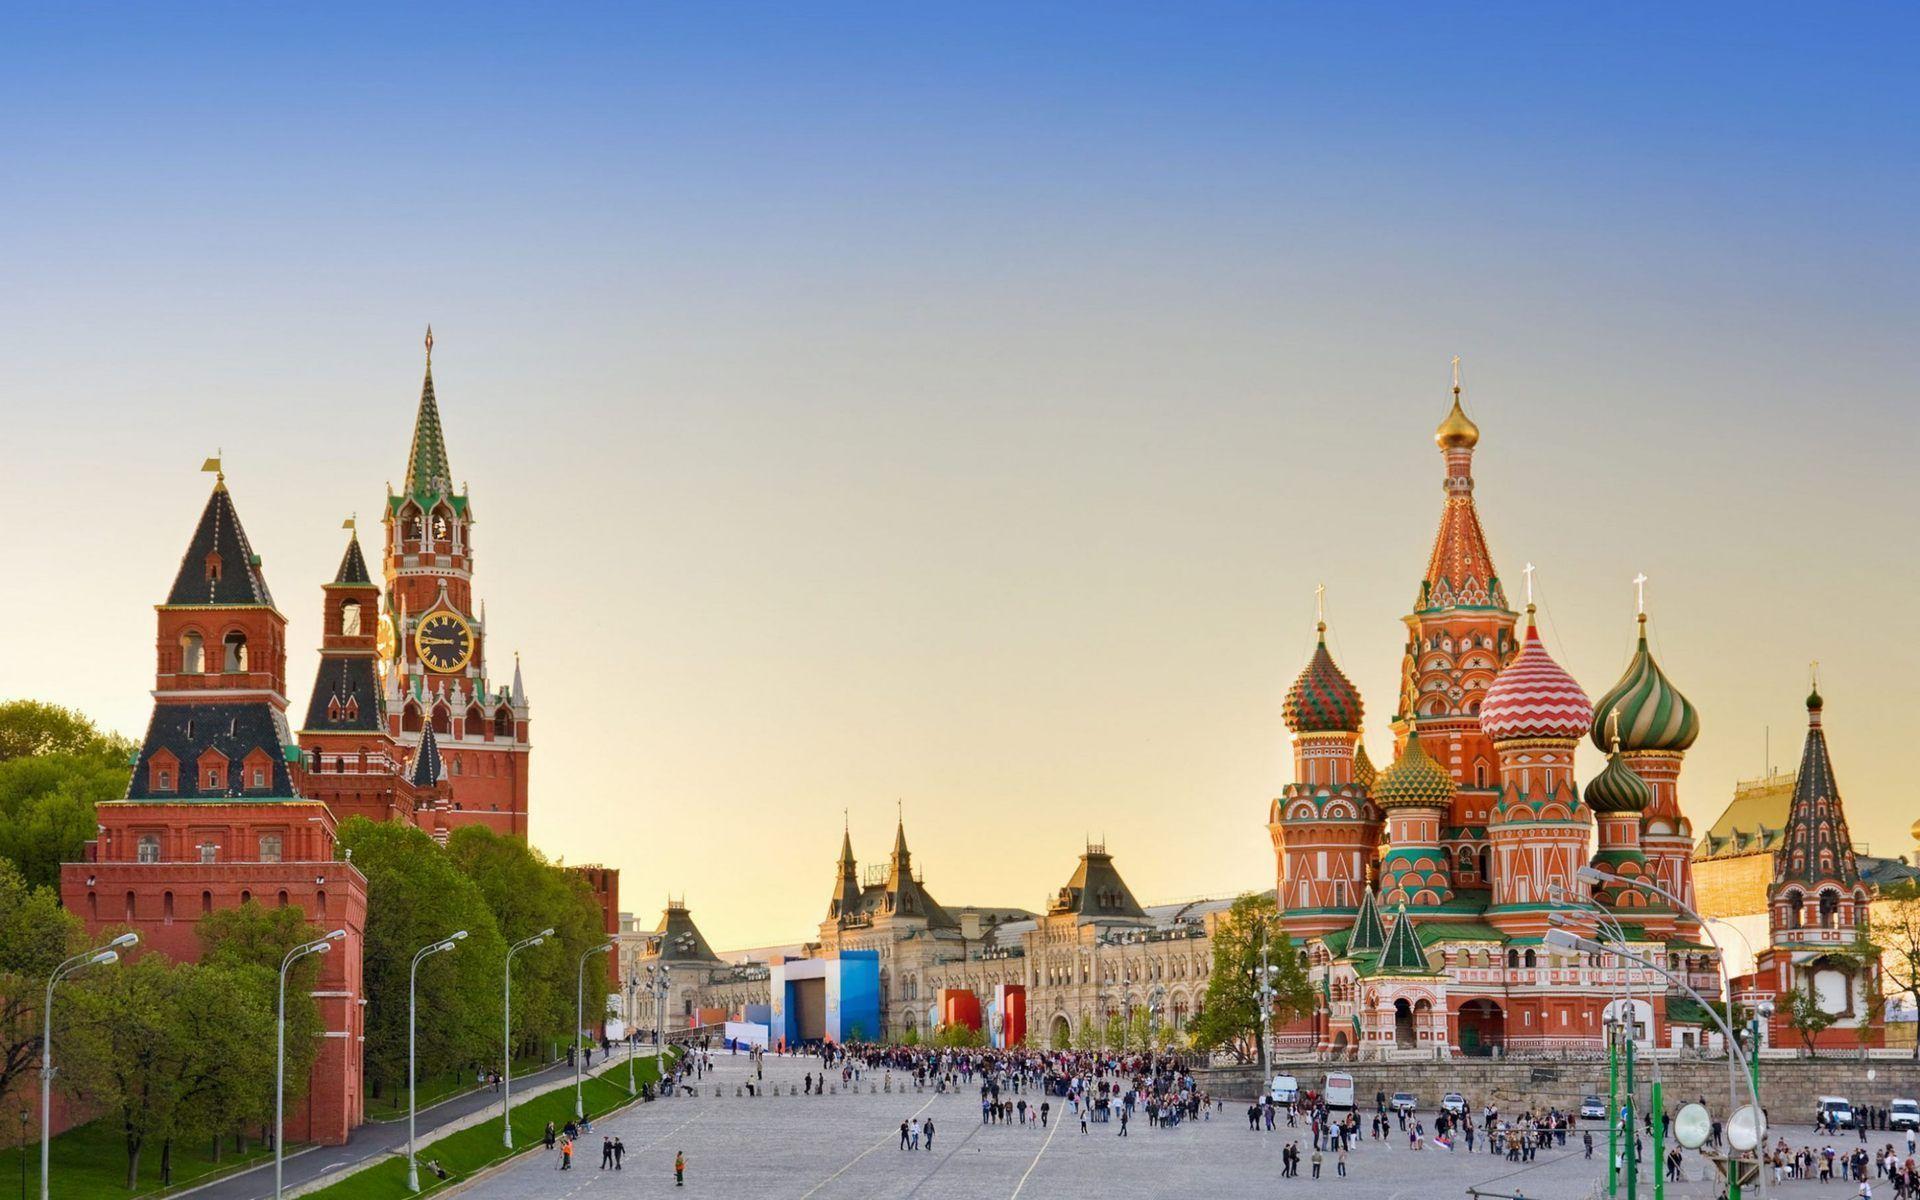 Города россии картинки для детей, султана прикольные